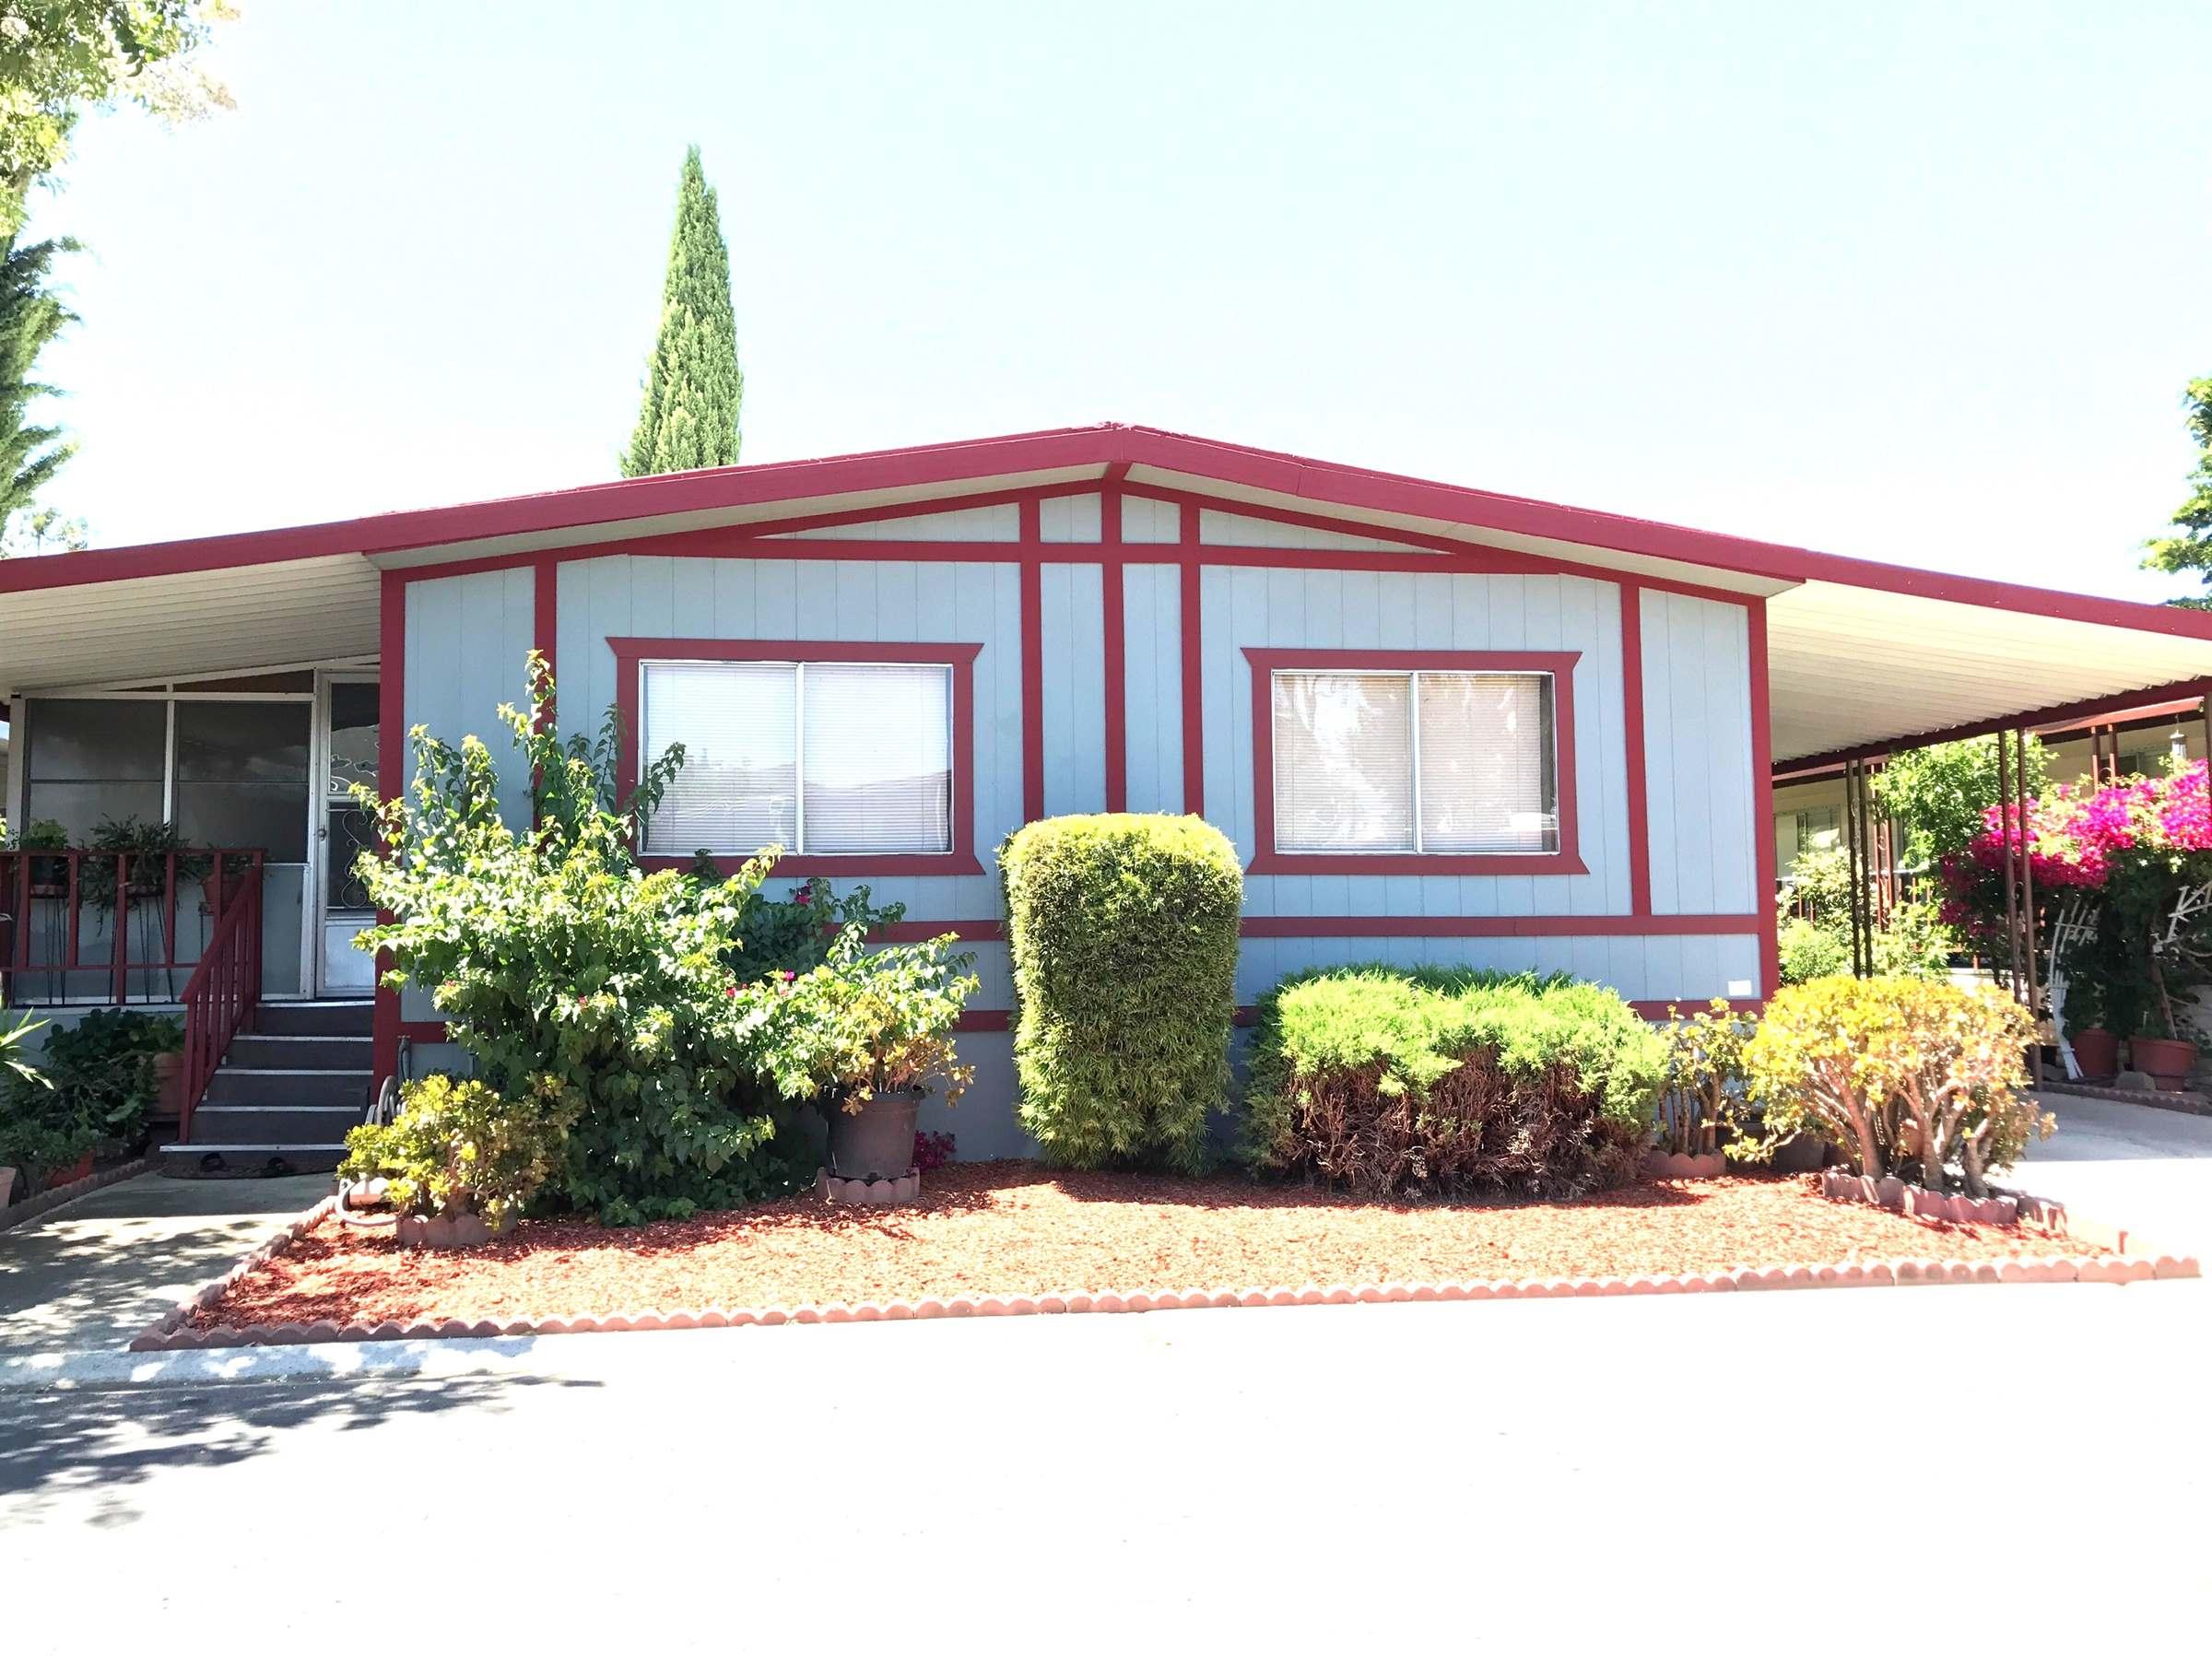 Photo of 2847 Moss Hollow DR 2847  San Jose  CA